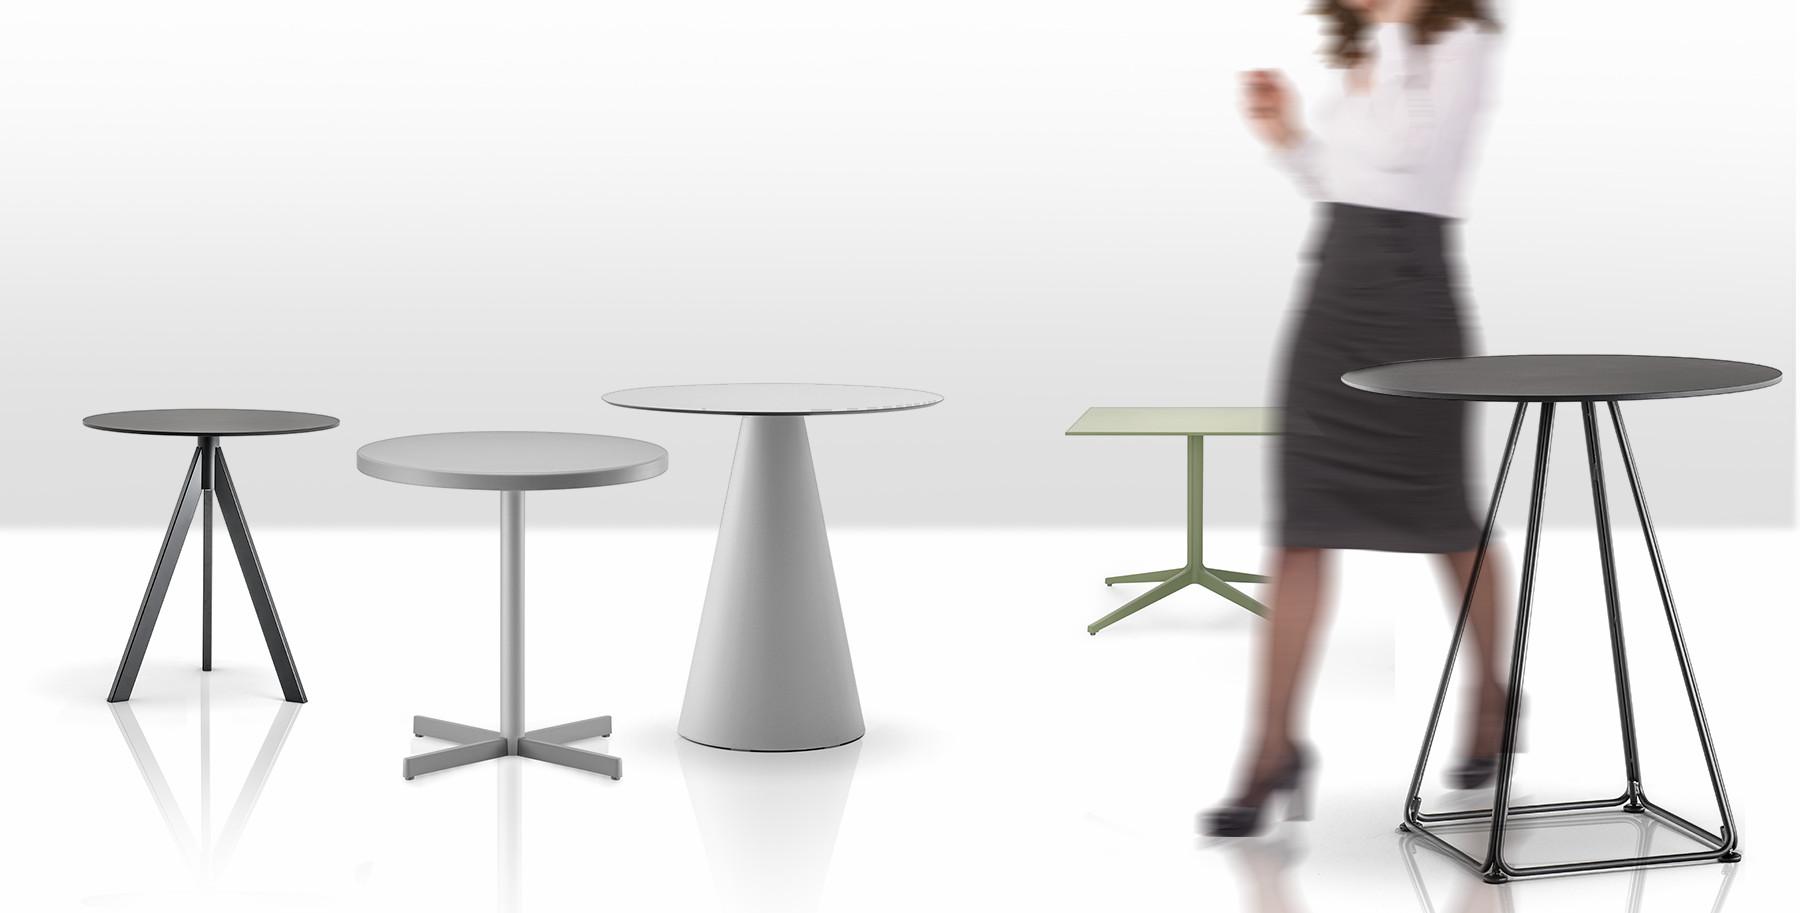 Tavoli bar per interni esterni arredo e attrezzature bar for Tavoli e divani per esterni